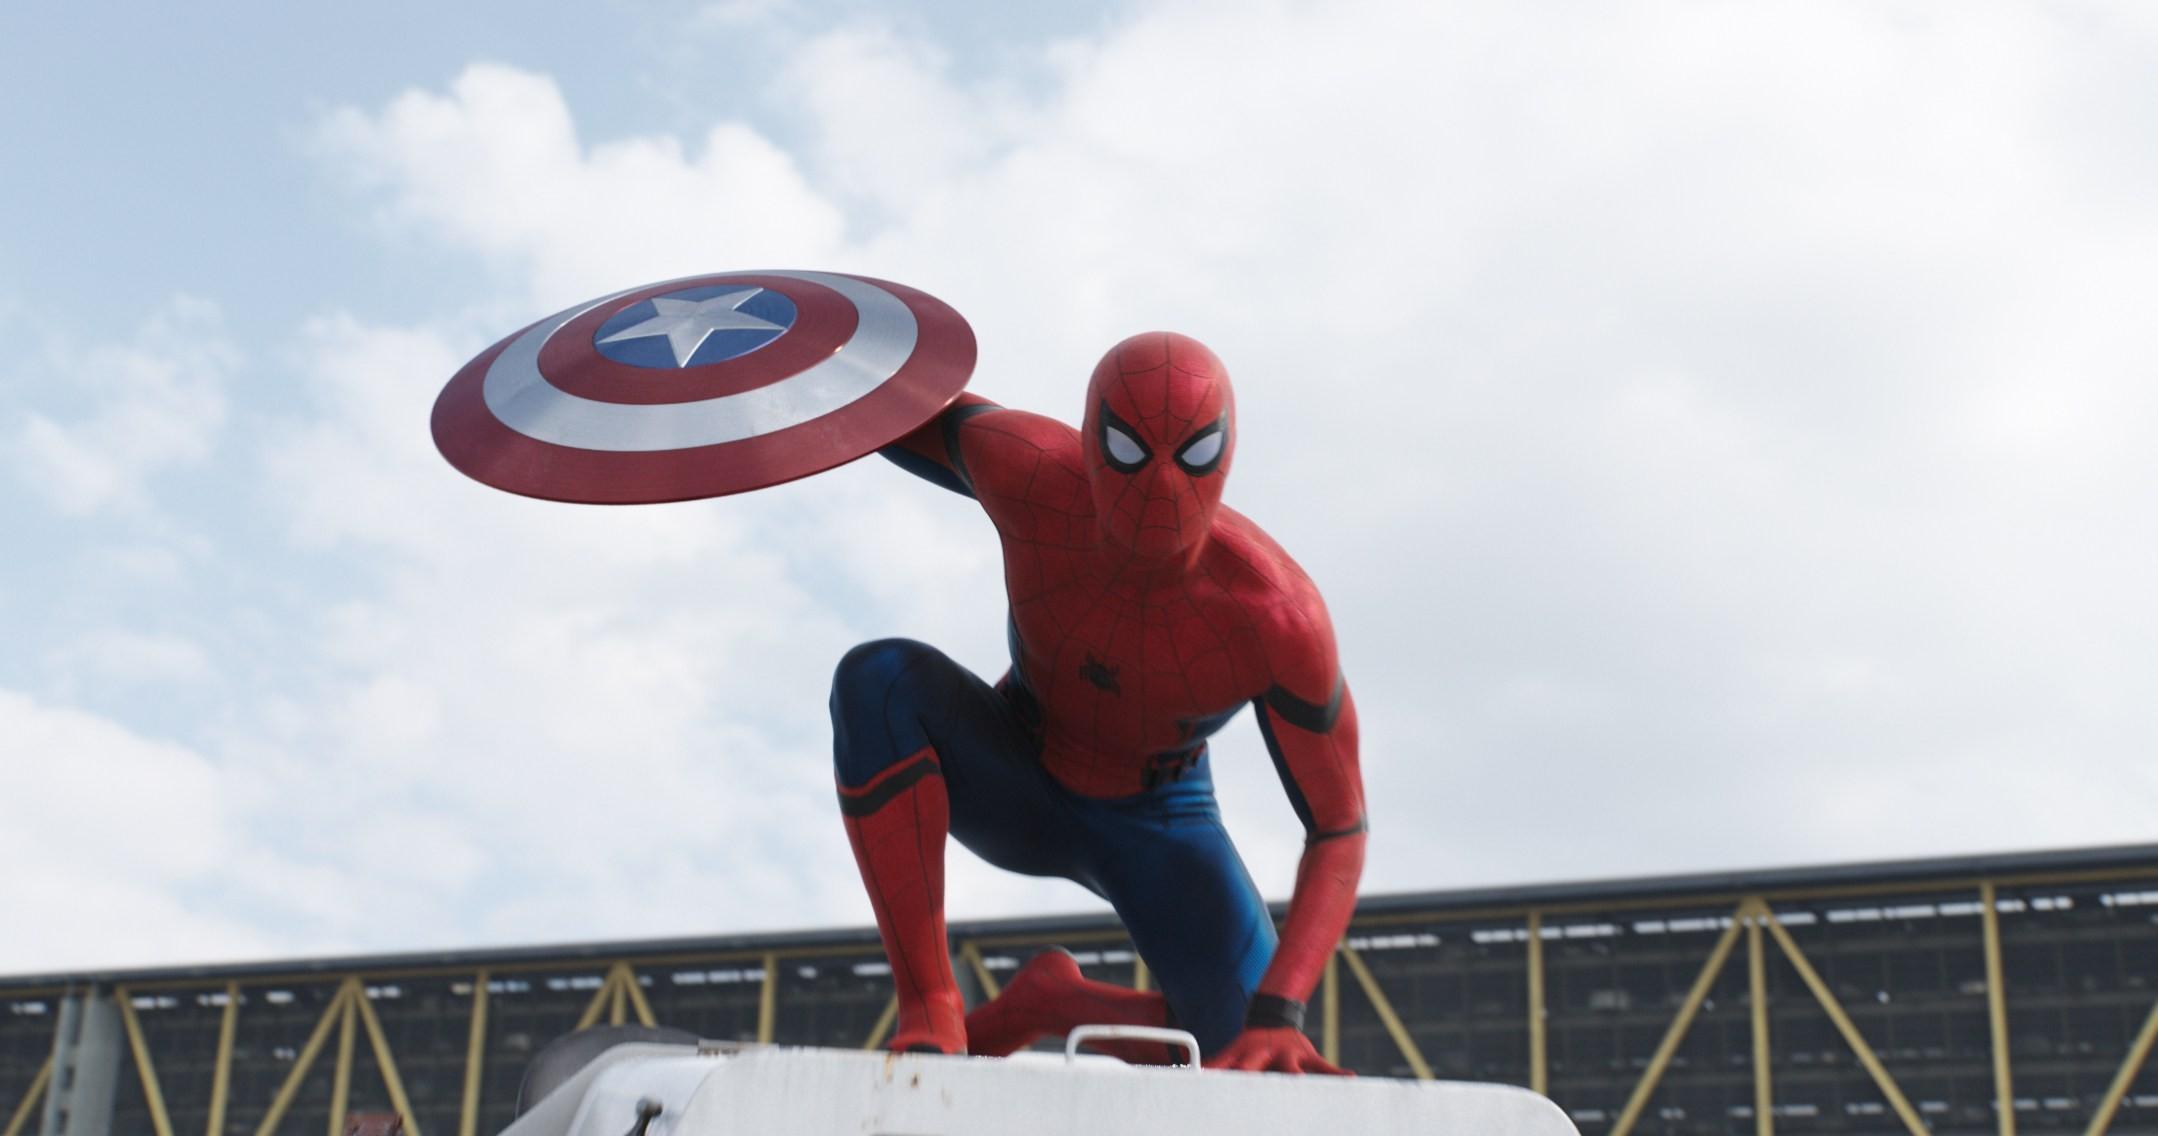 Aparição do Homem-Aranha no trailer do filme deixou os fãs em polvorosa (Foto: Reprodução)